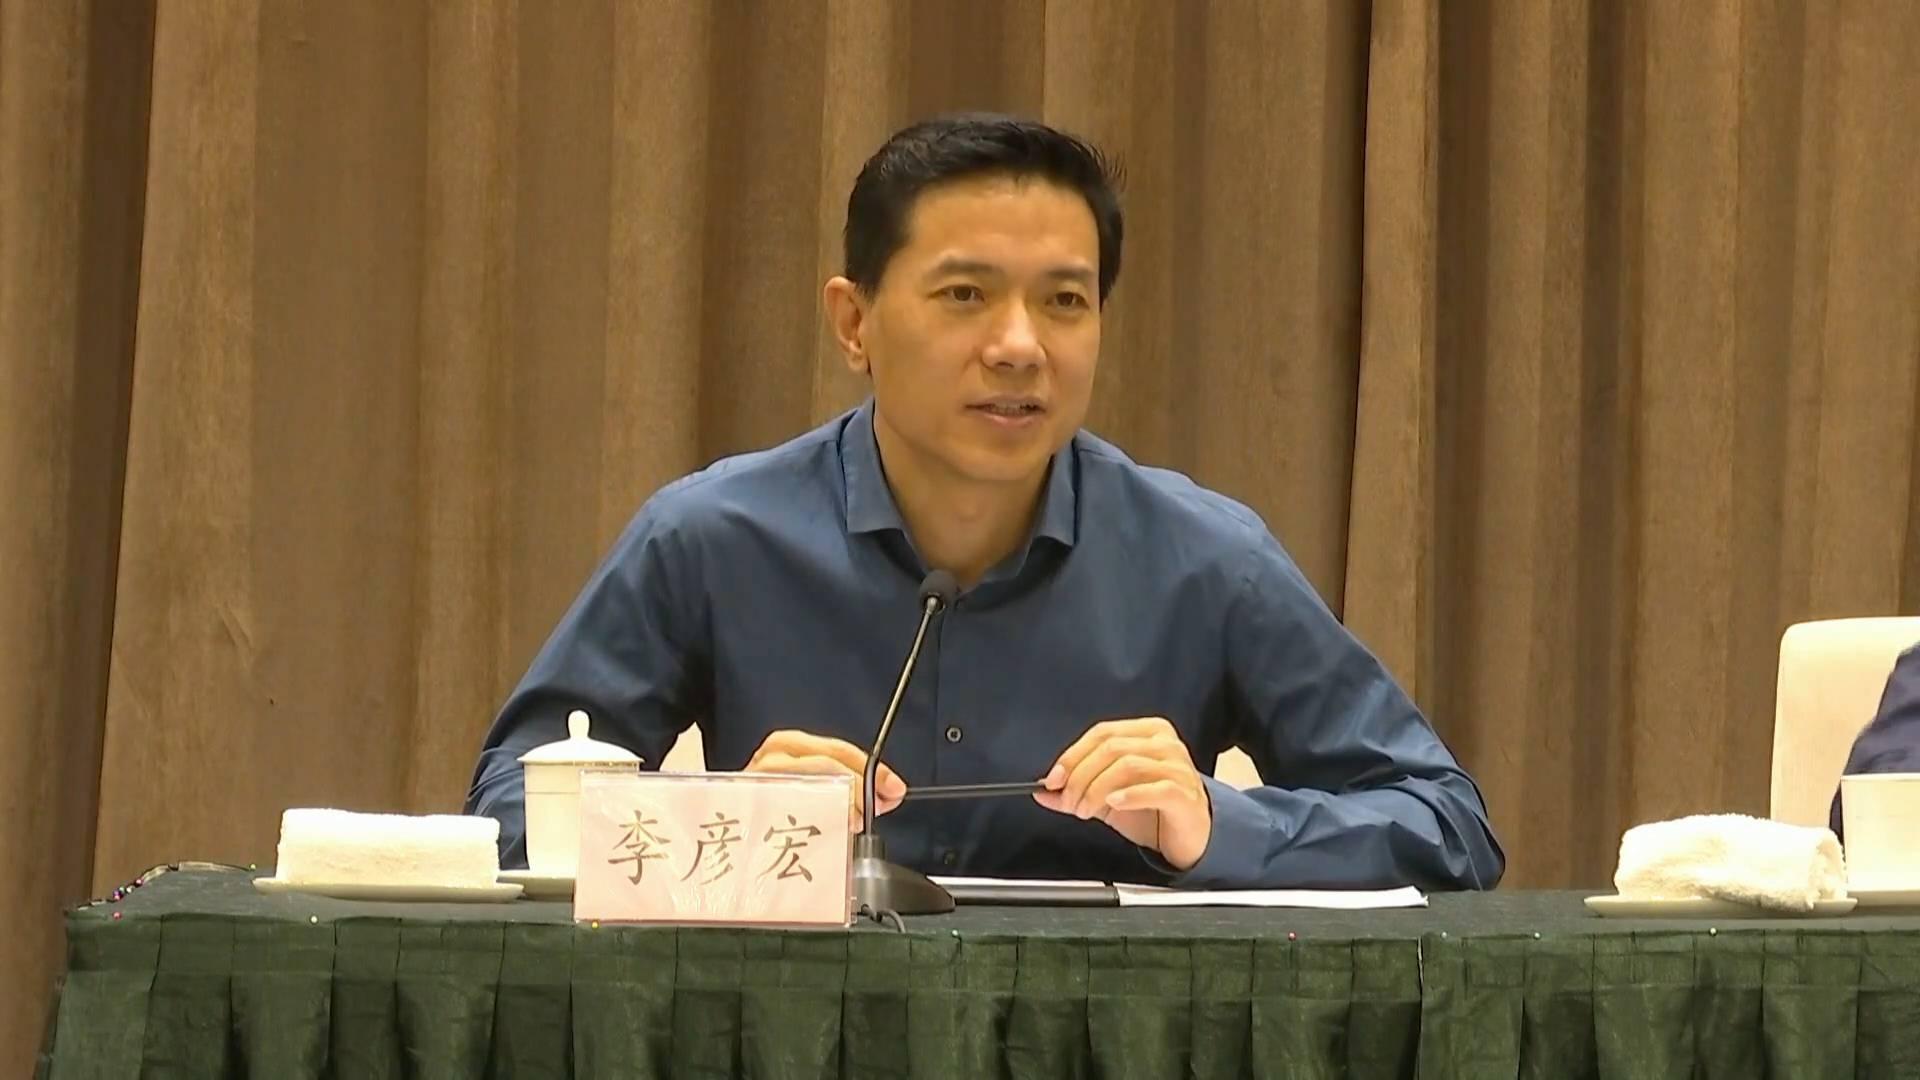 思想+|李彦宏支招中小企业发展:同一个问题连续两年答案一样,就落伍了